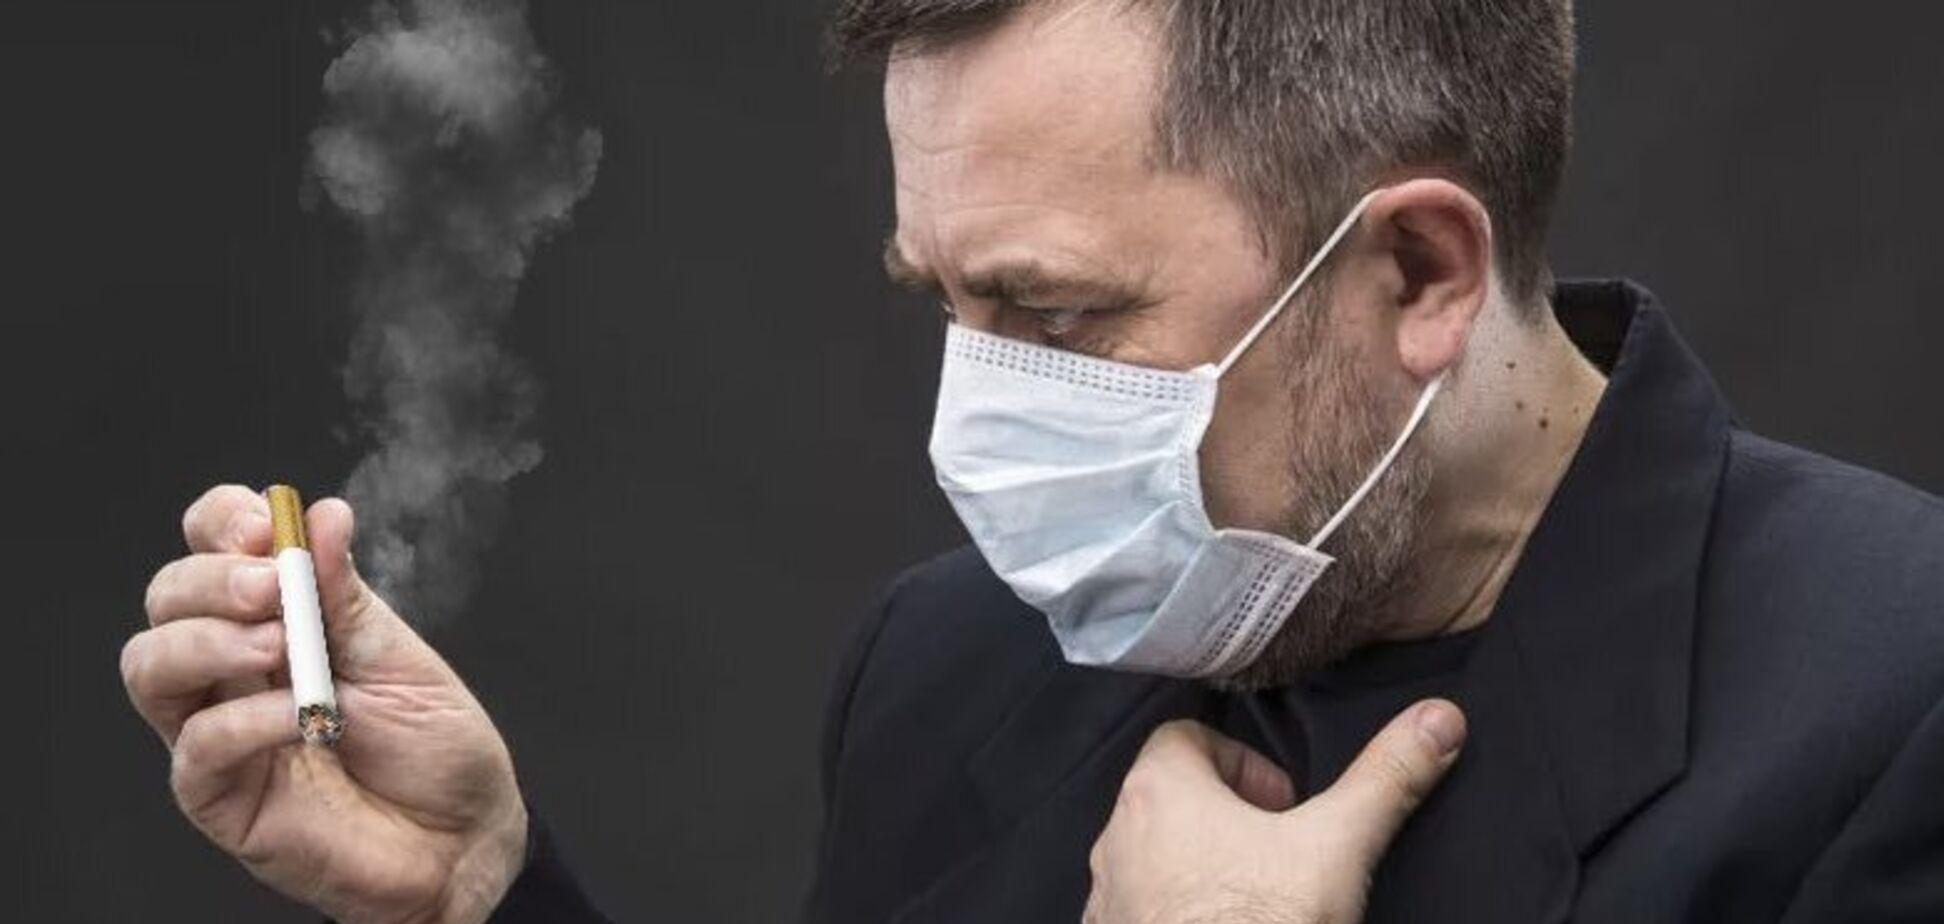 В ВОЗ назвали главный фактор риска при коронавирусе